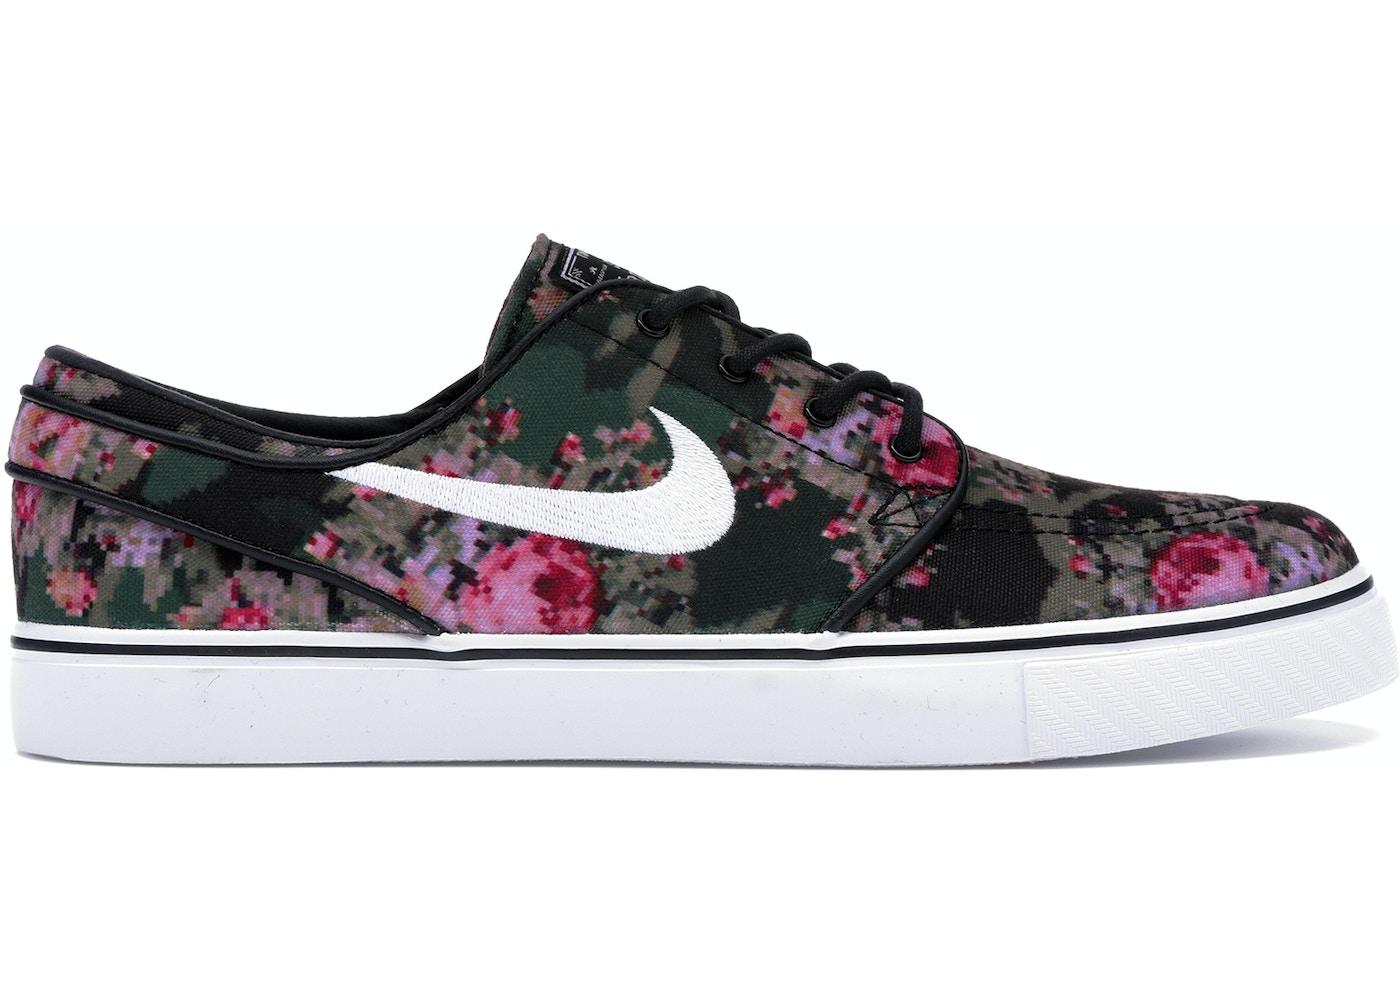 jaloissa kuuma myynti myyntipisteiden myynti Nike SB Stefan Janoski Zoom Digi Floral Pink (2016)